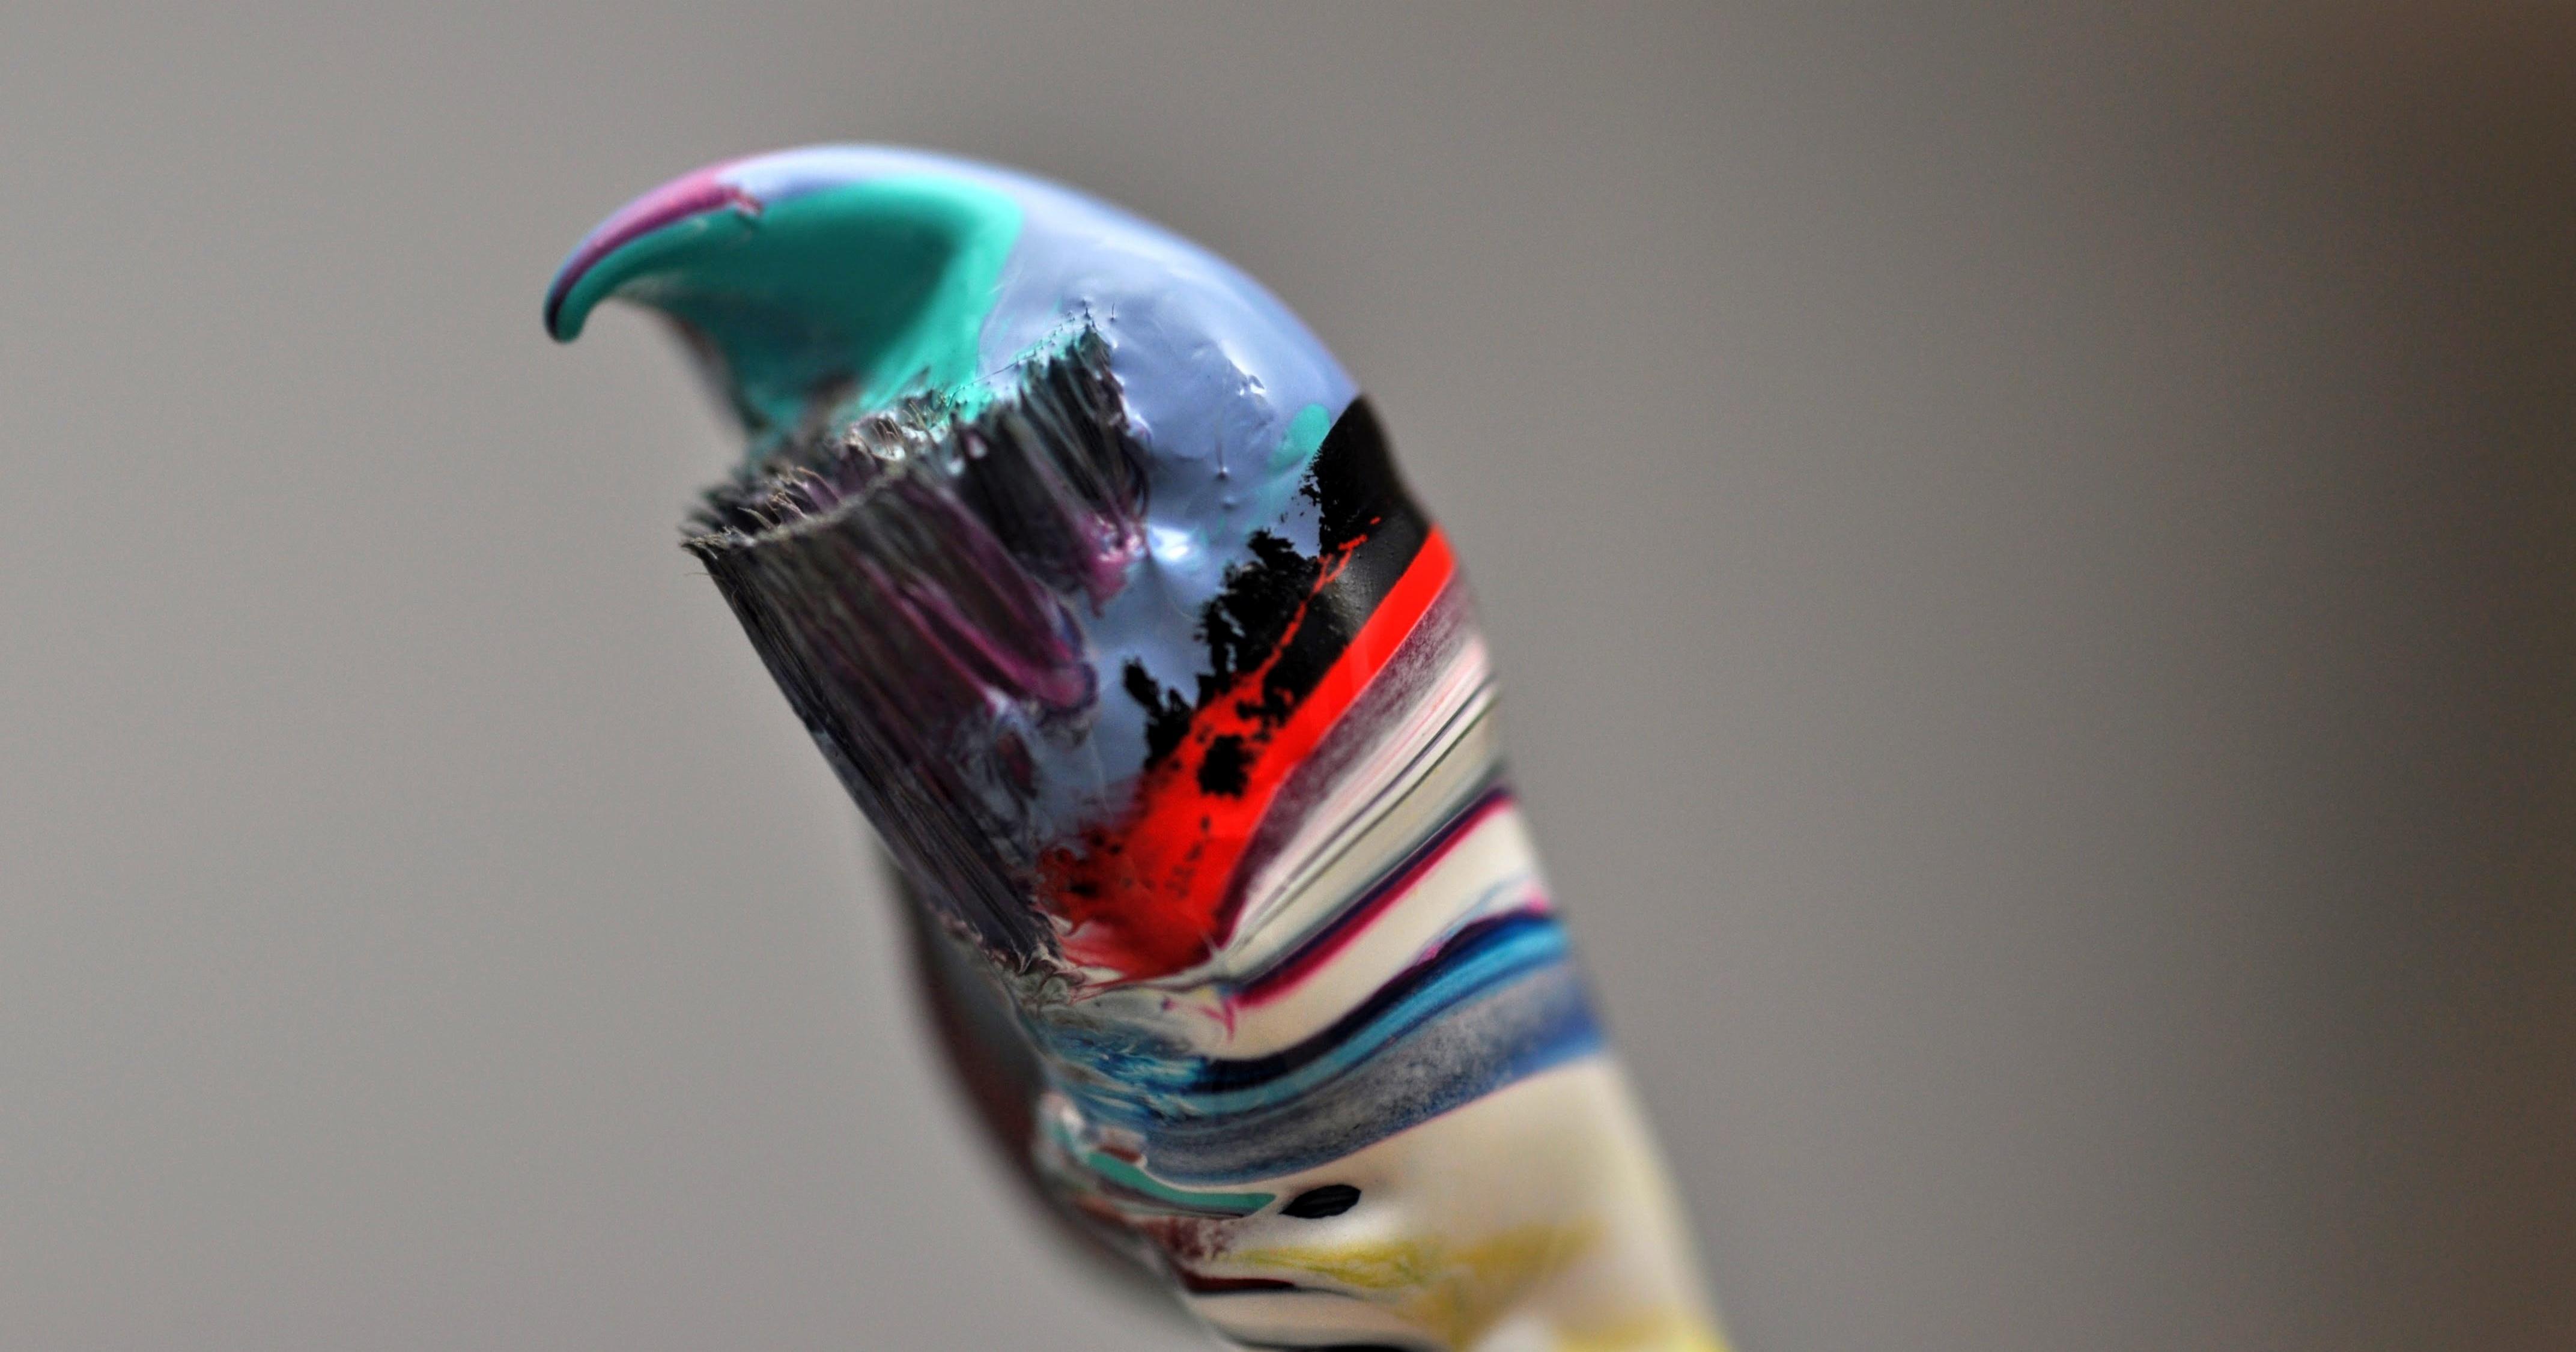 Good paint brushes for art